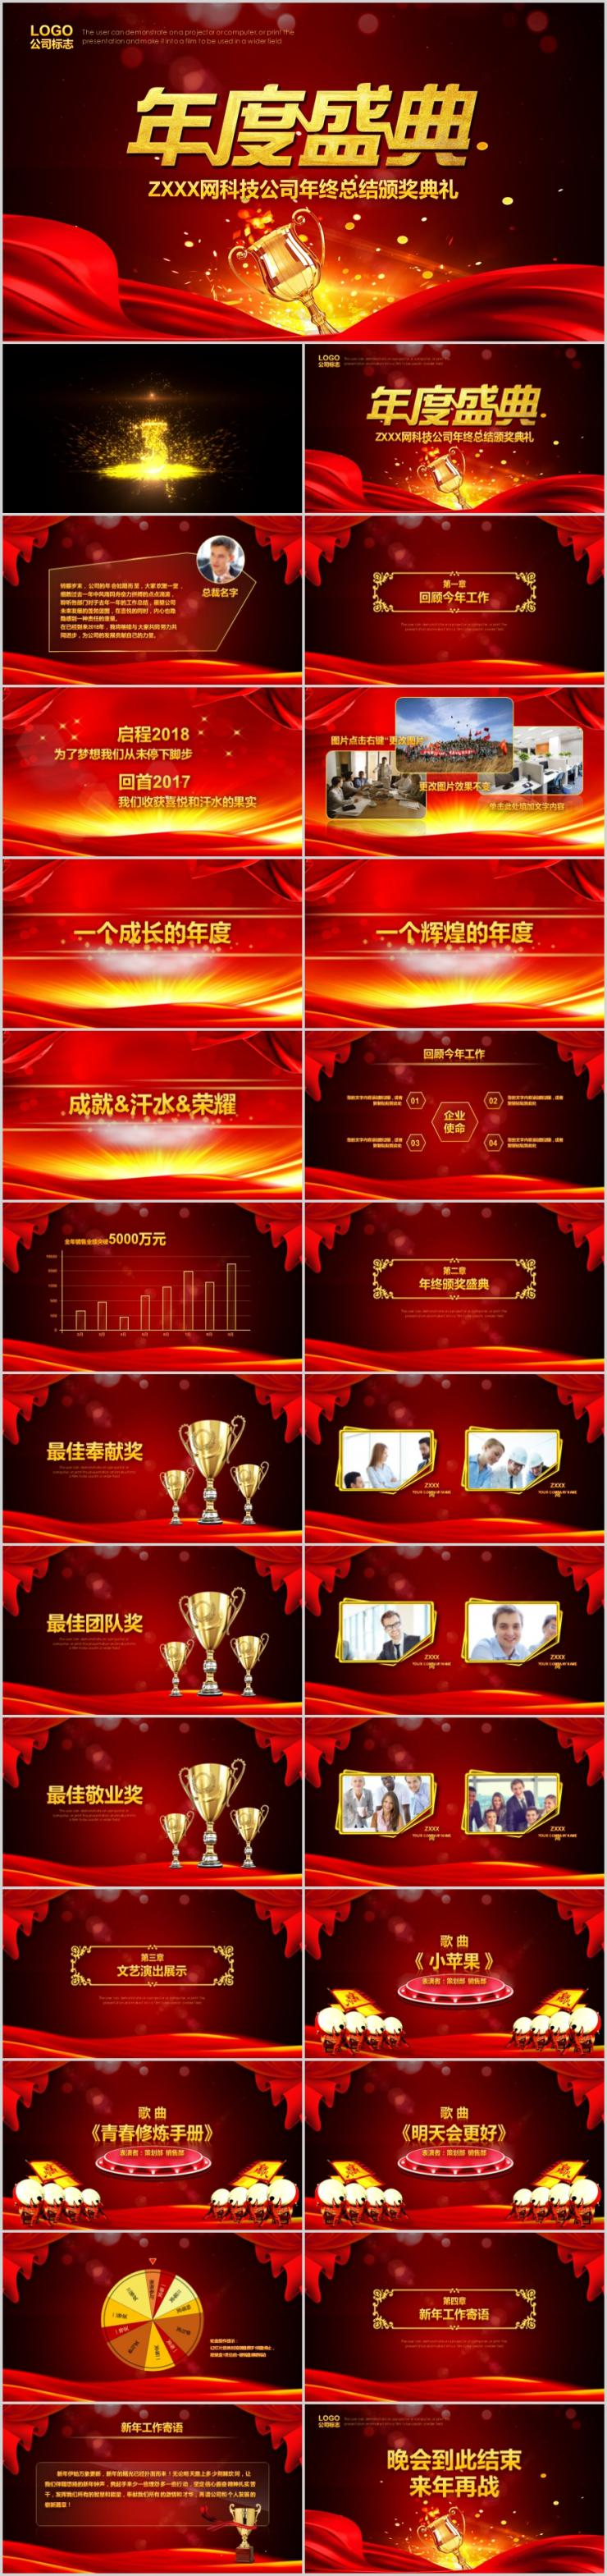 震撼大气公司年度盛典年终总结暨颁奖典礼PPT模板